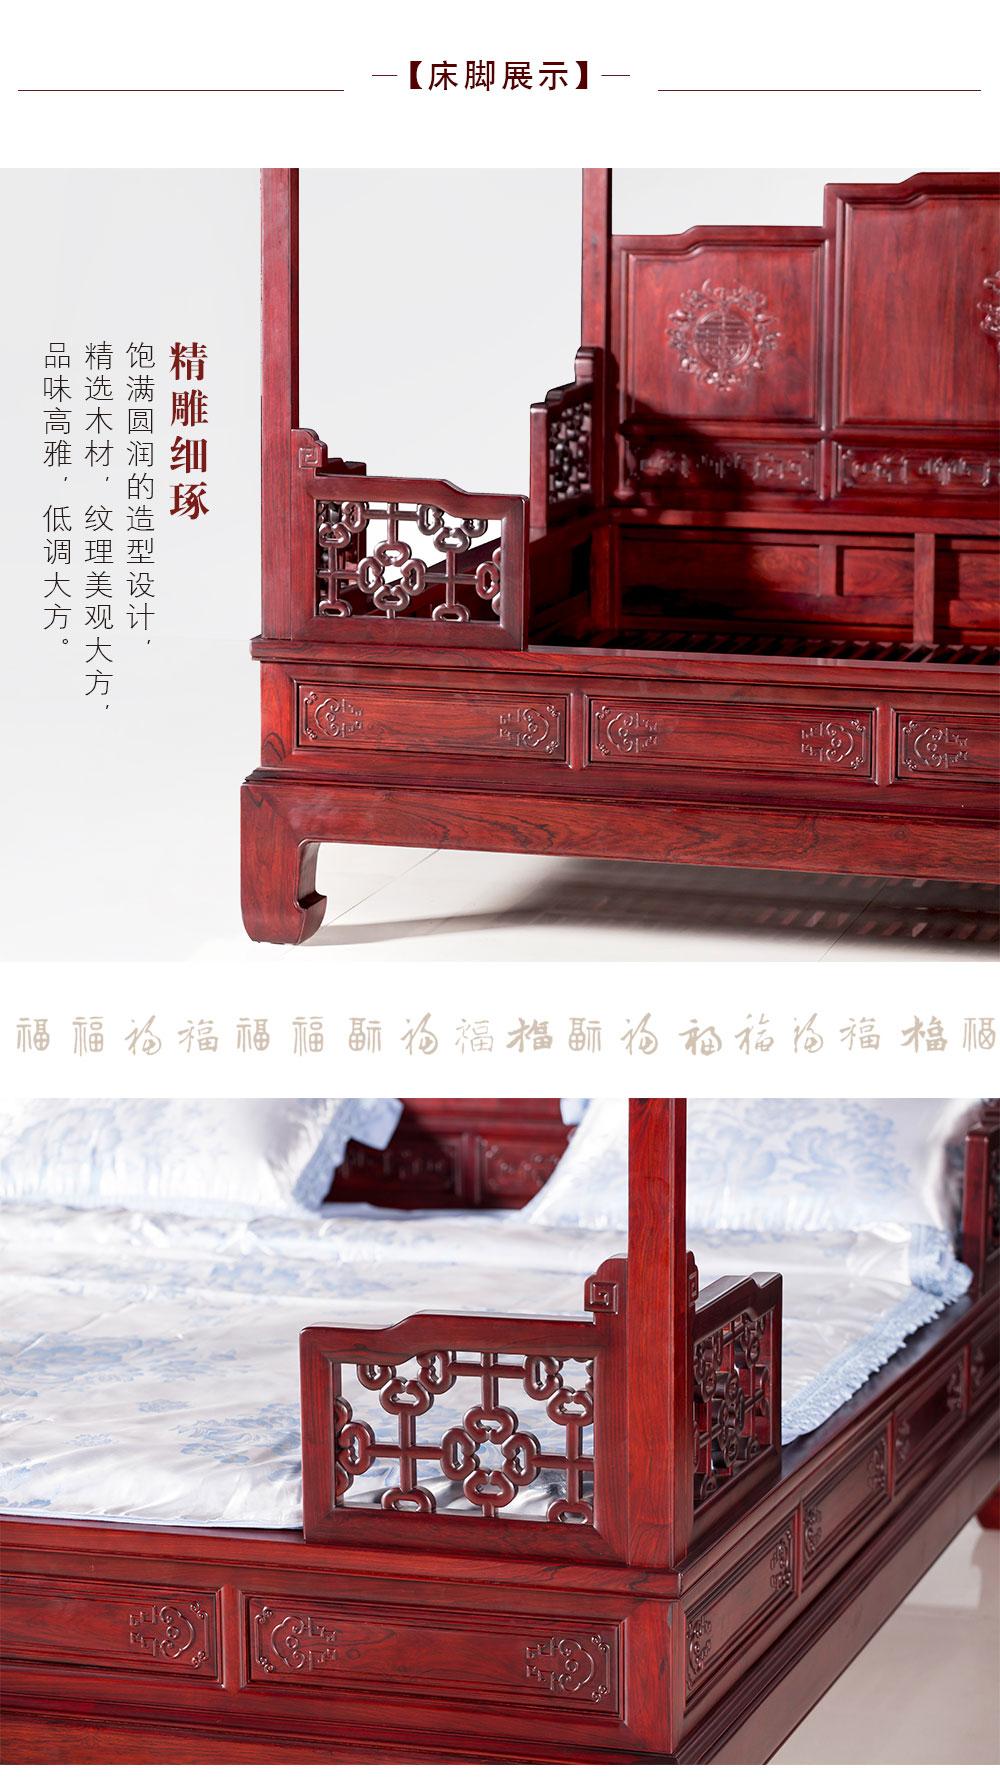 五福临门架子床_06.jpg